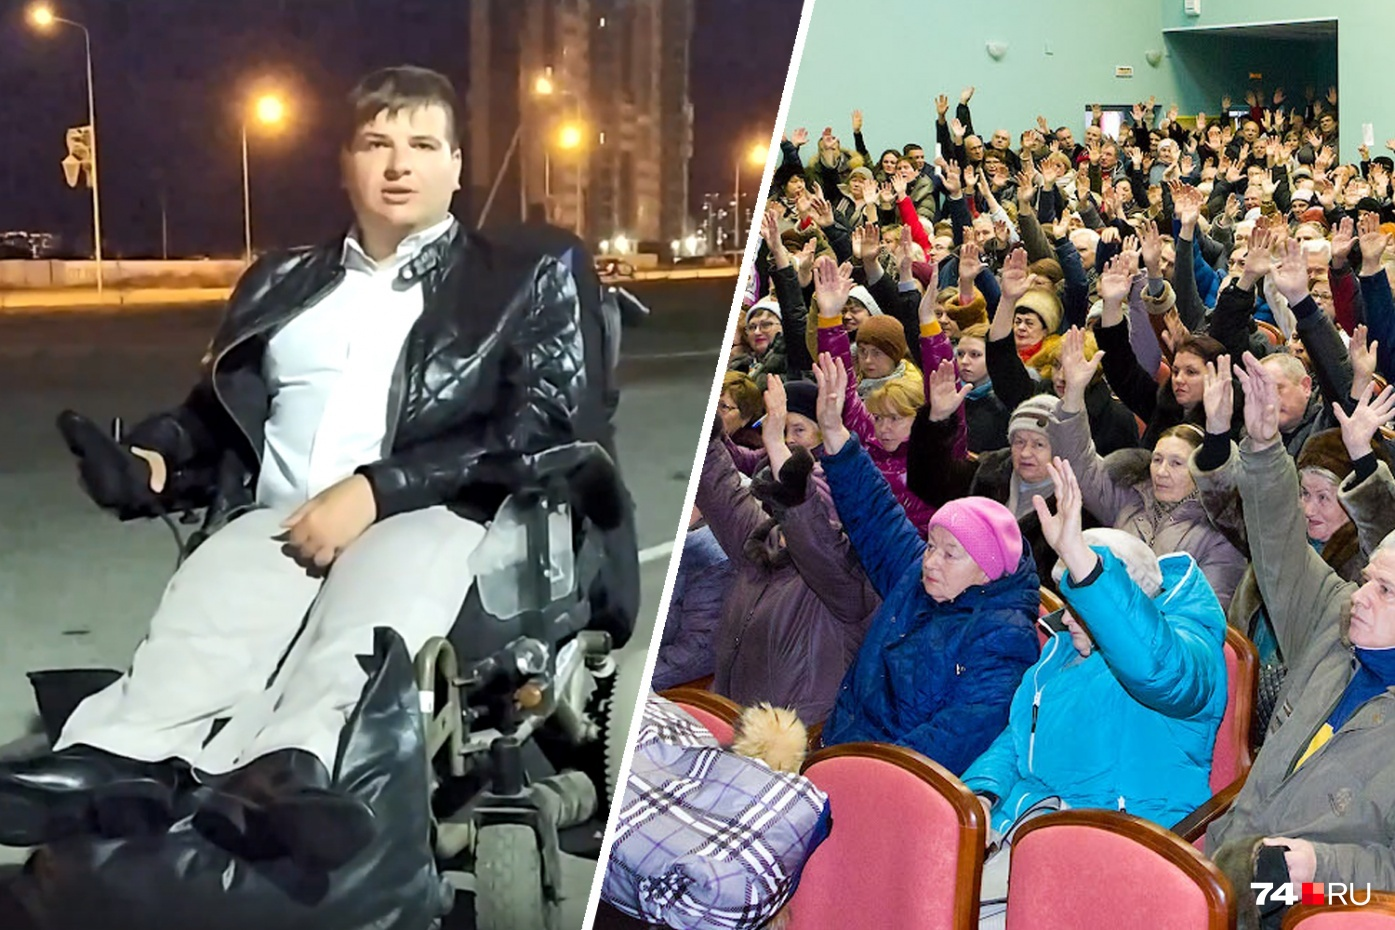 Николай Ольховский не хочет, чтобы судьбу города решали только пенсионеры, которые могут позволить себе прийти на публичные слушания в разгар рабочего дня